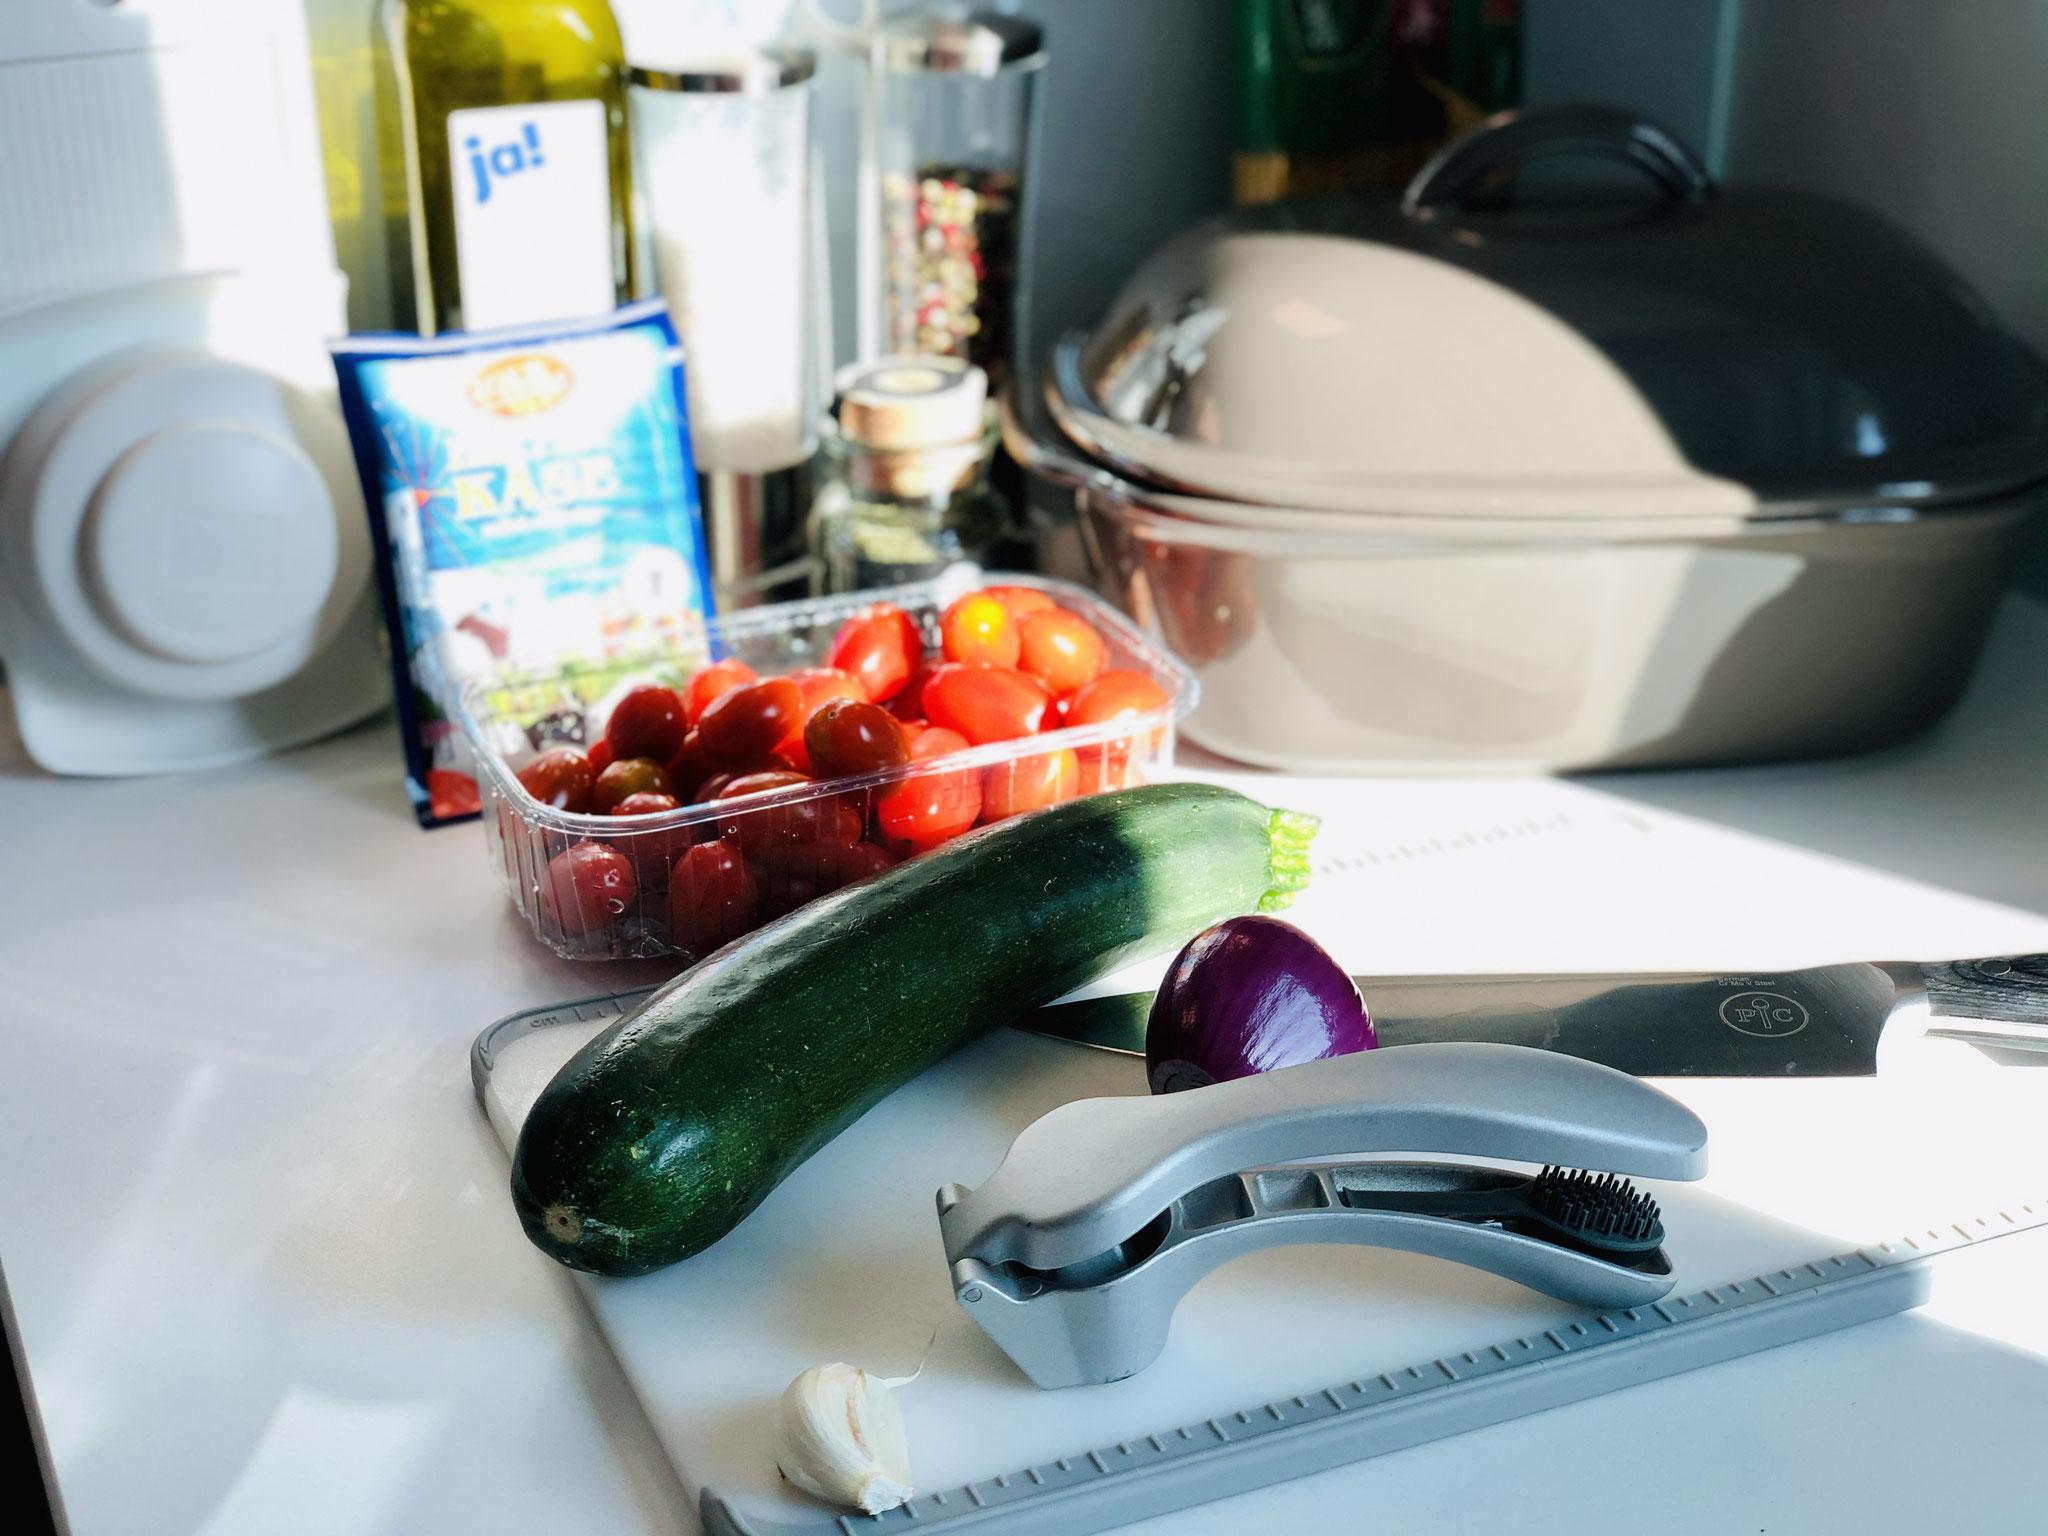 Hier siehst du wie ich alles für dieses Baked Feta Pasta Rezept vorbereite. Die Zwiebel und die Zucchini schneide ich mit dem kleinen Küchenhobel von Pampered Chef in Scheiben..